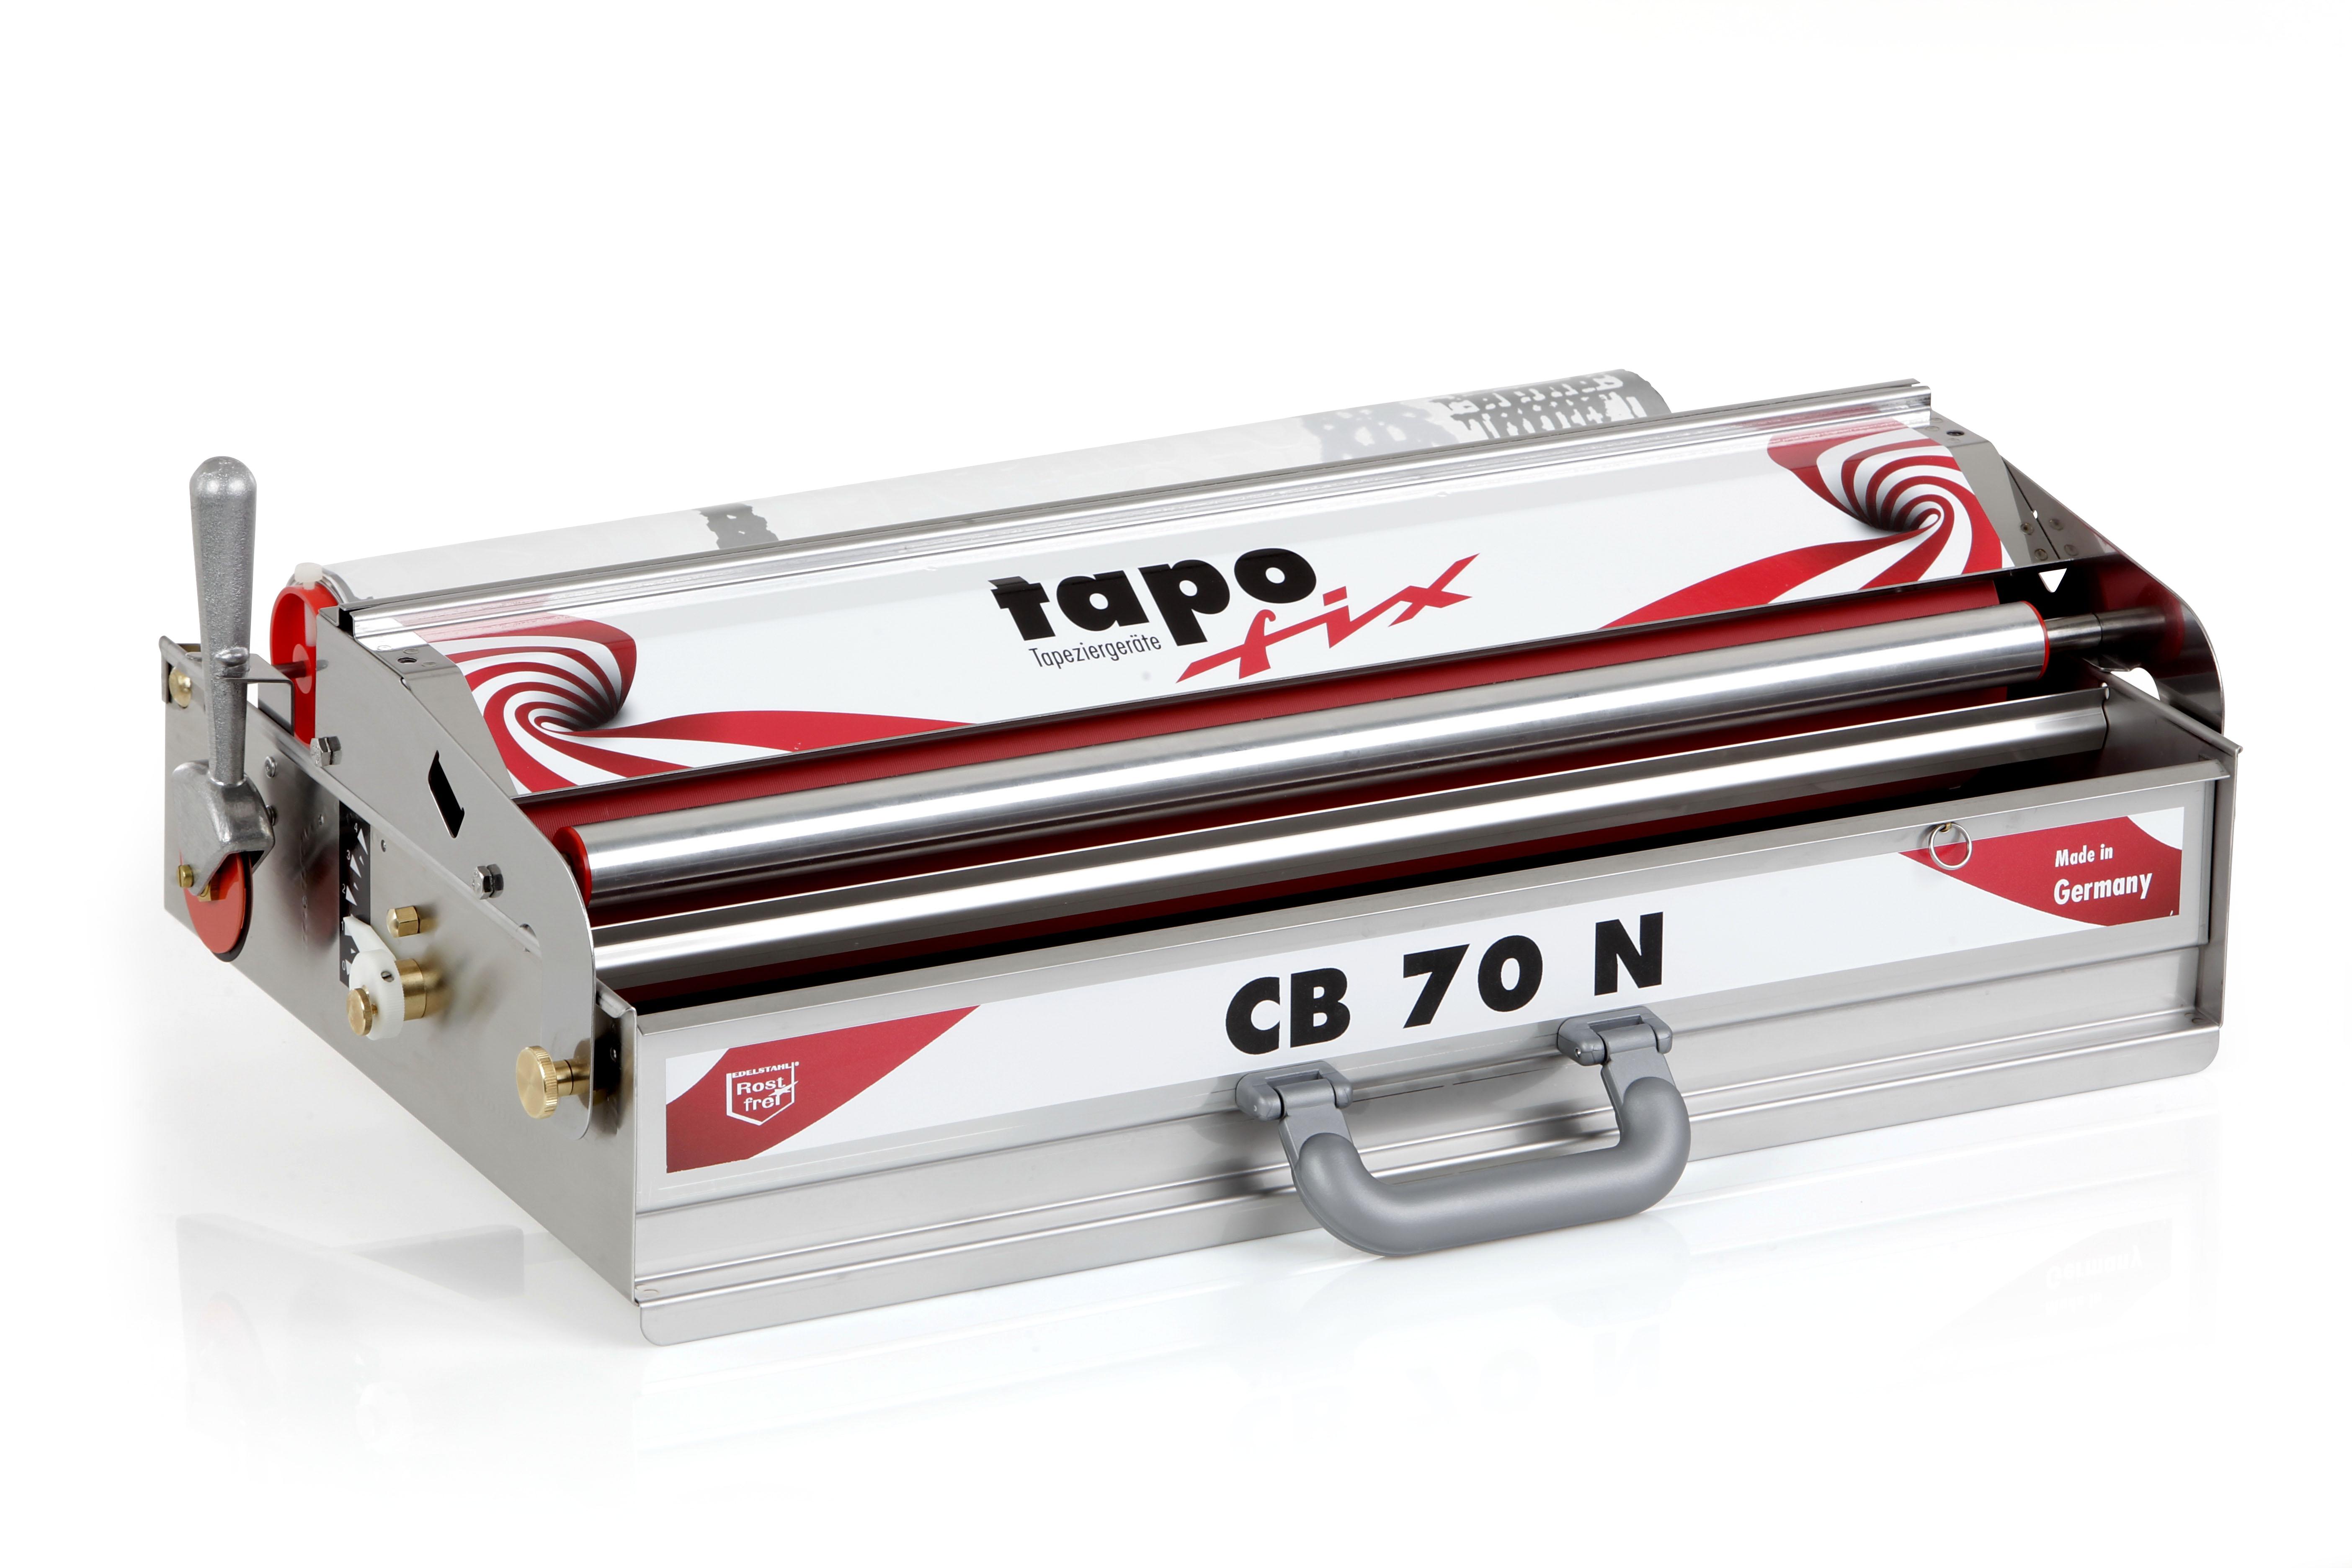 Tapofix Kofferset CB 70 N - Komplettset mit Tapeziergerät und Meterzähler